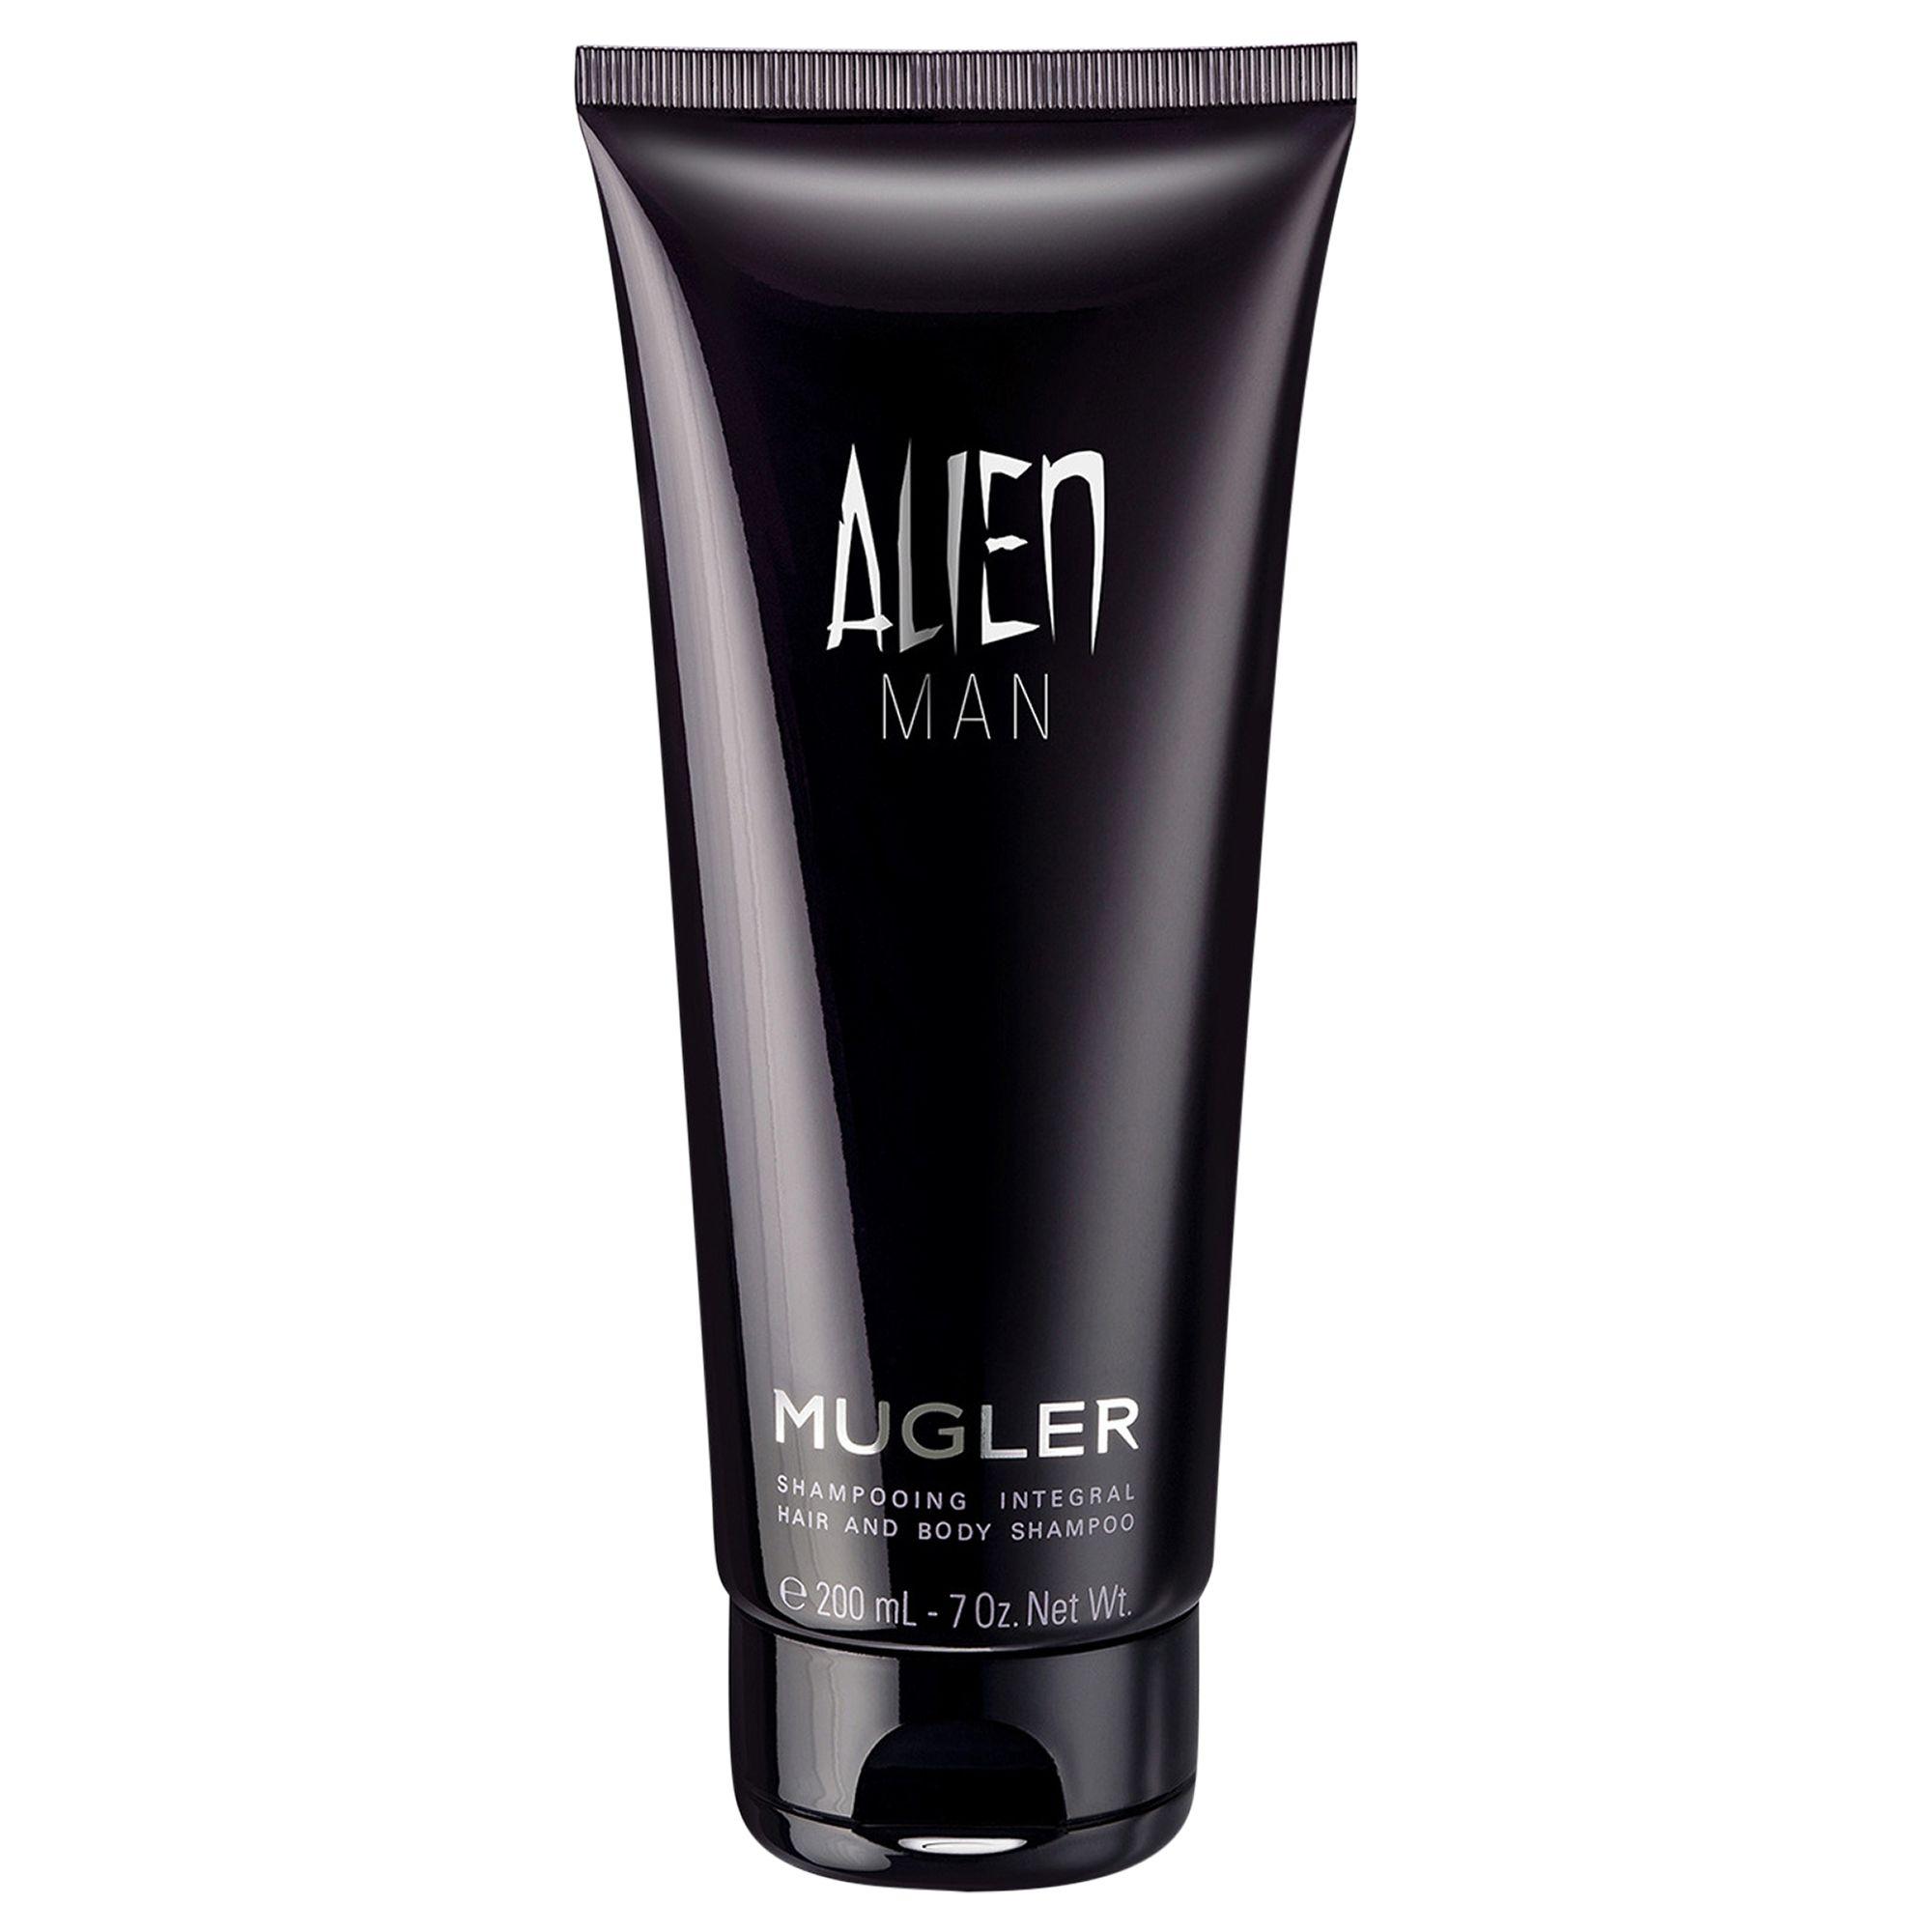 Mugler Mugler Alien Man Hair & Body Shampoo, 200ml